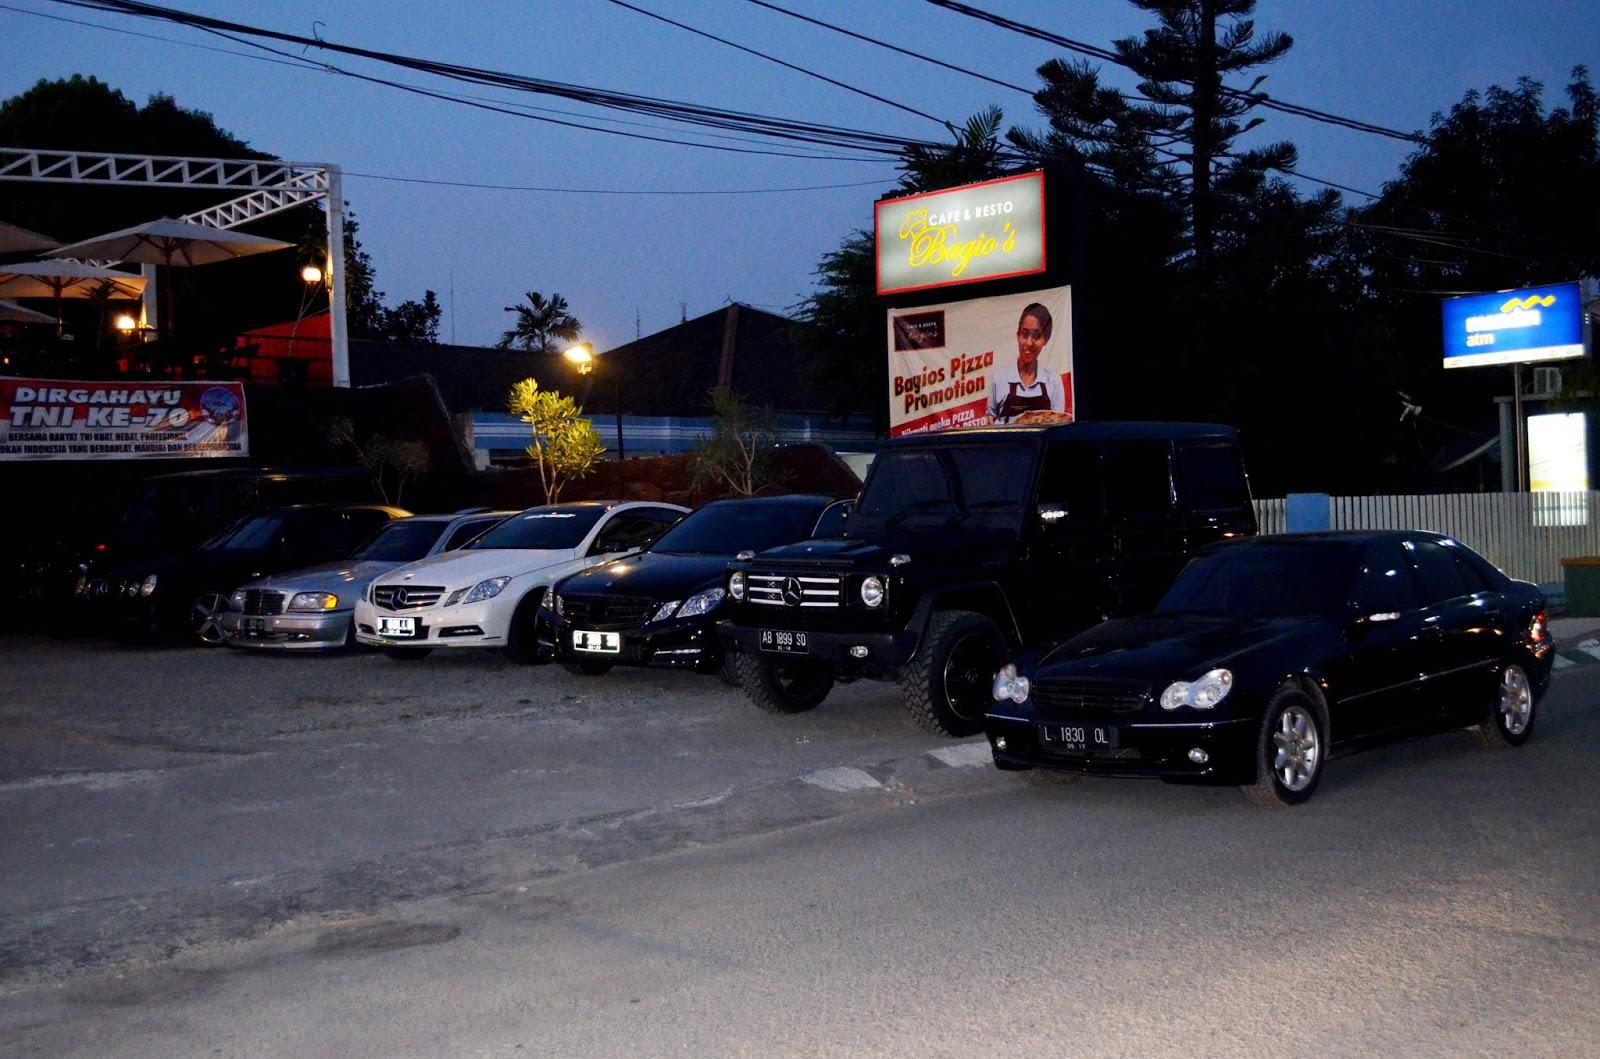 Parkir kafe yang Luas